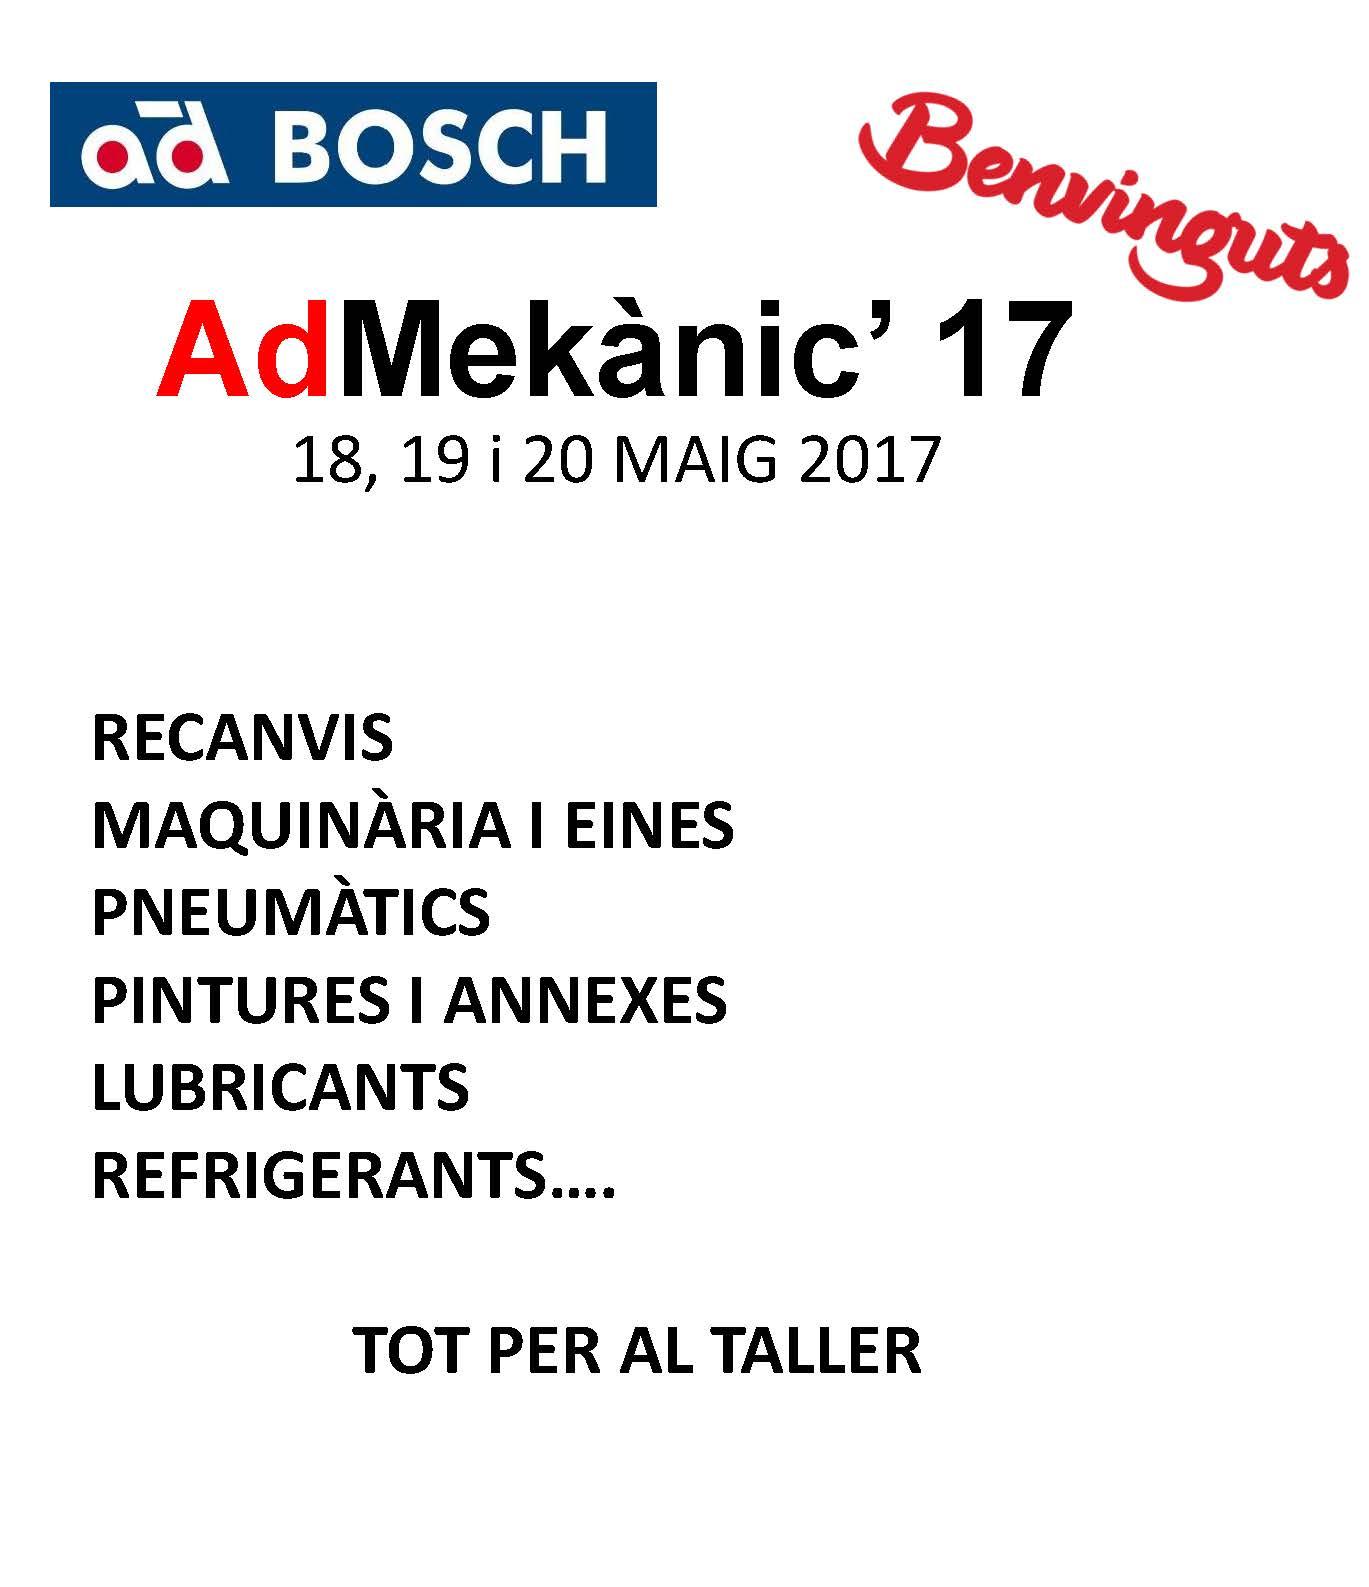 posterAdbosch 2017